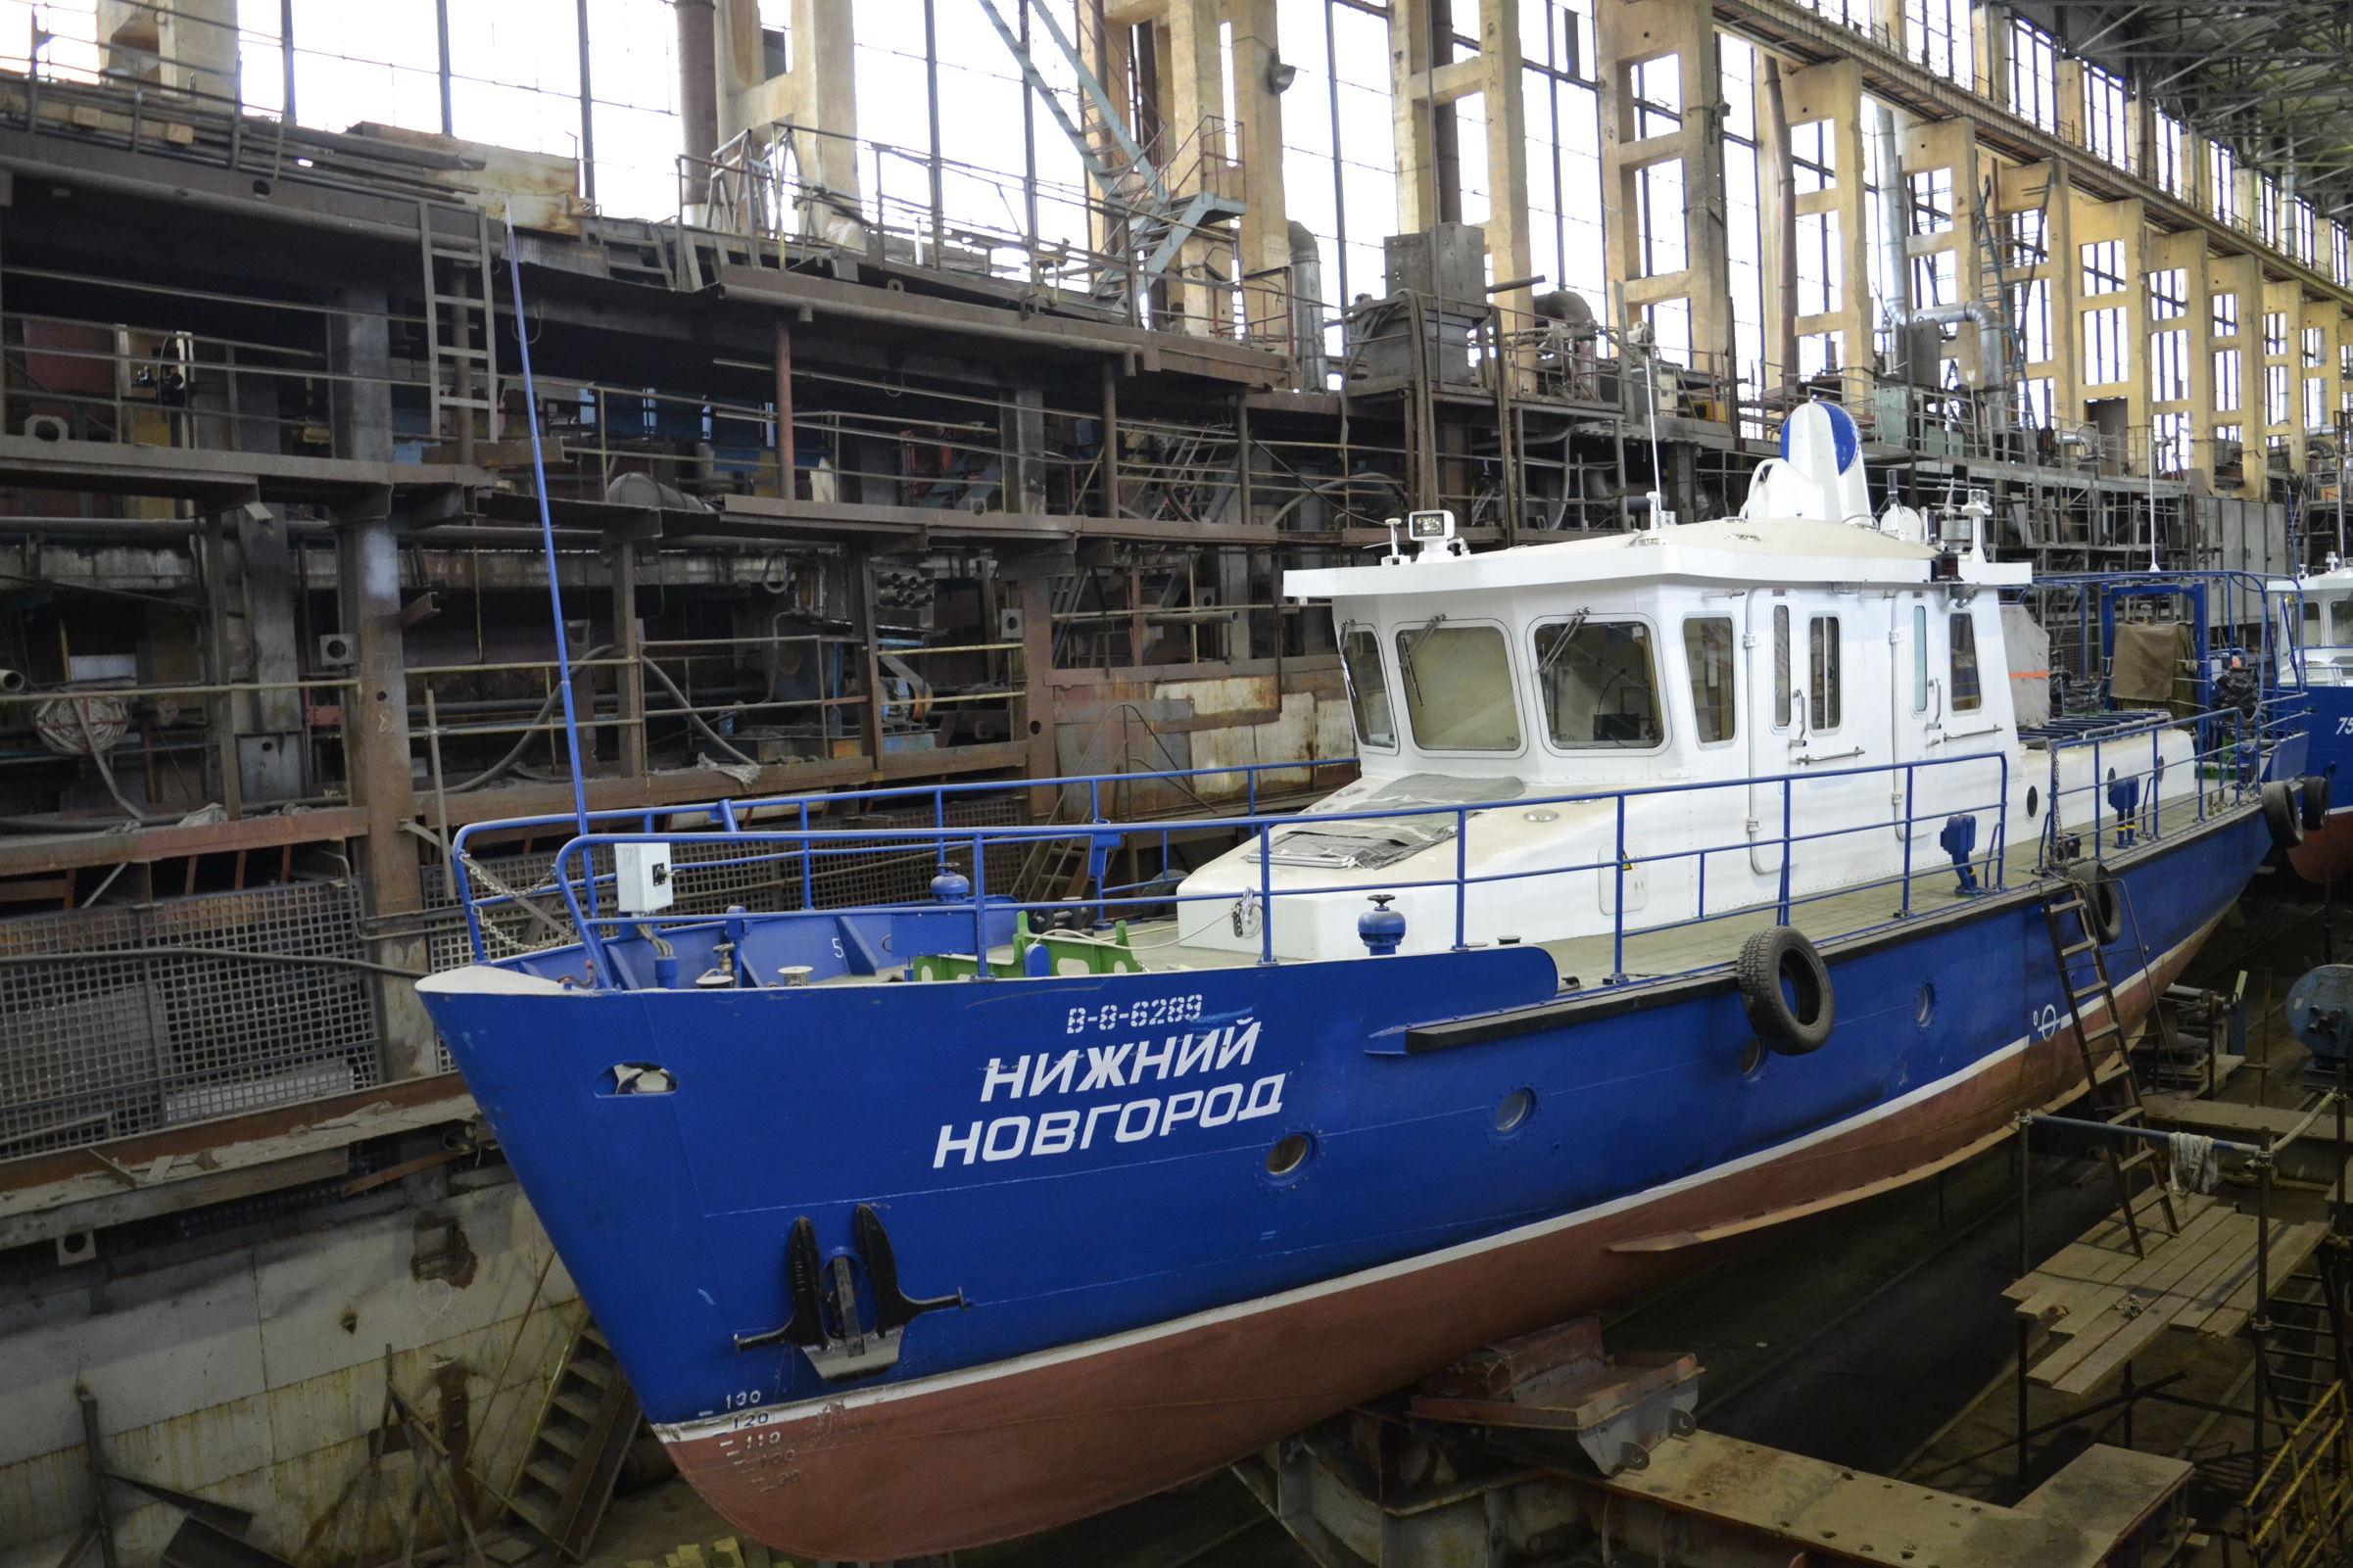 Дмитрий Миронов поздравил судостроительный завод со столетием